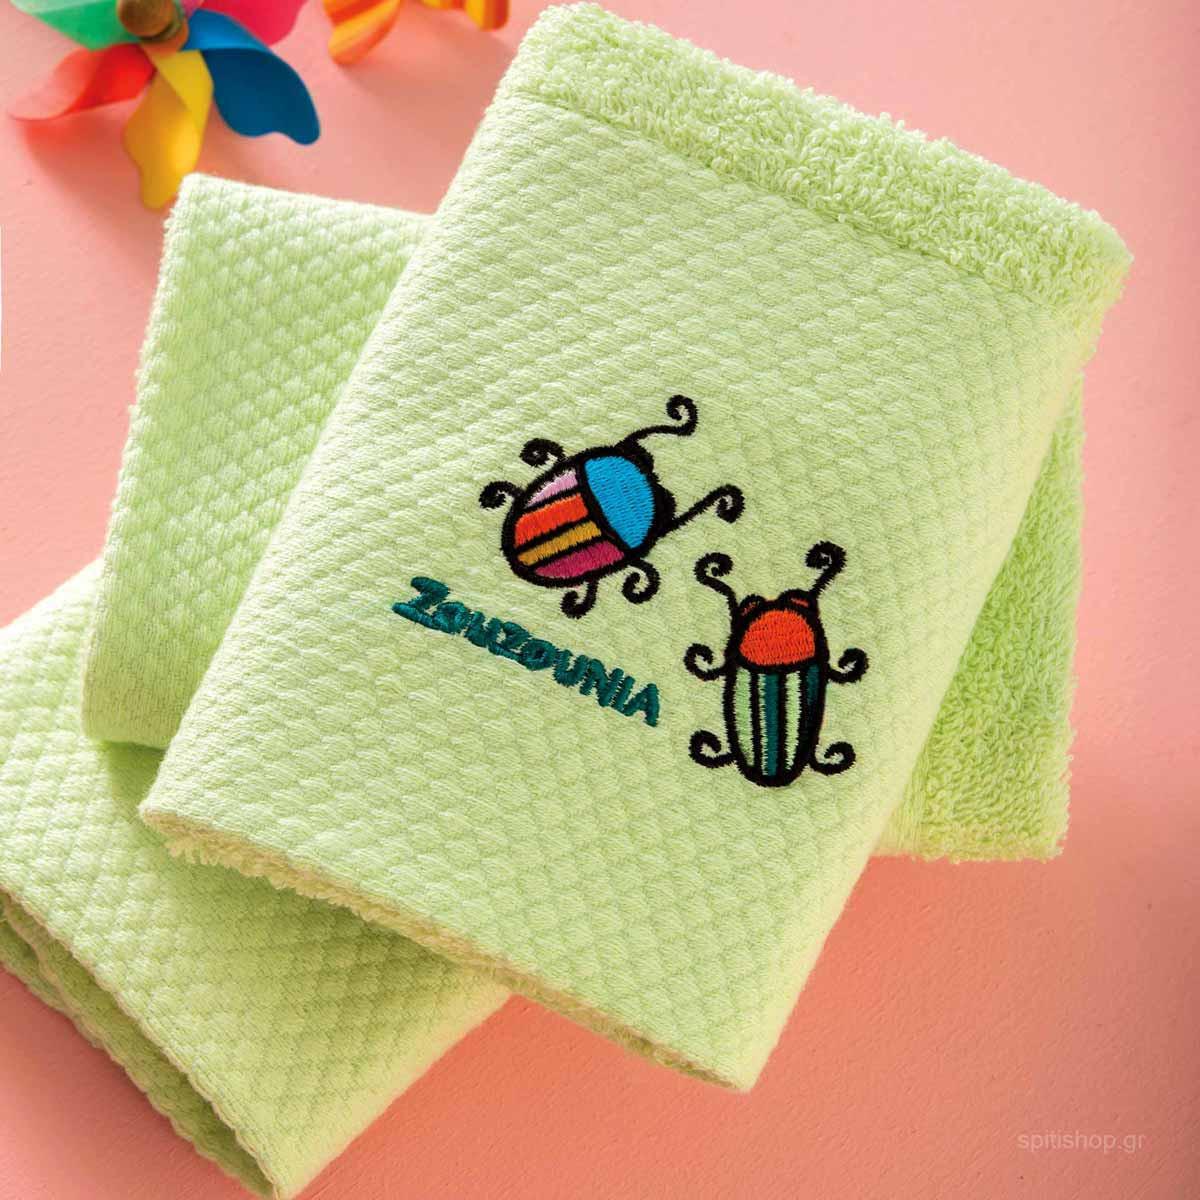 Βρεφικές Πετσέτες Χεριών (Σετ 3τμχ) Zouzounia Μπάμπουρας 350